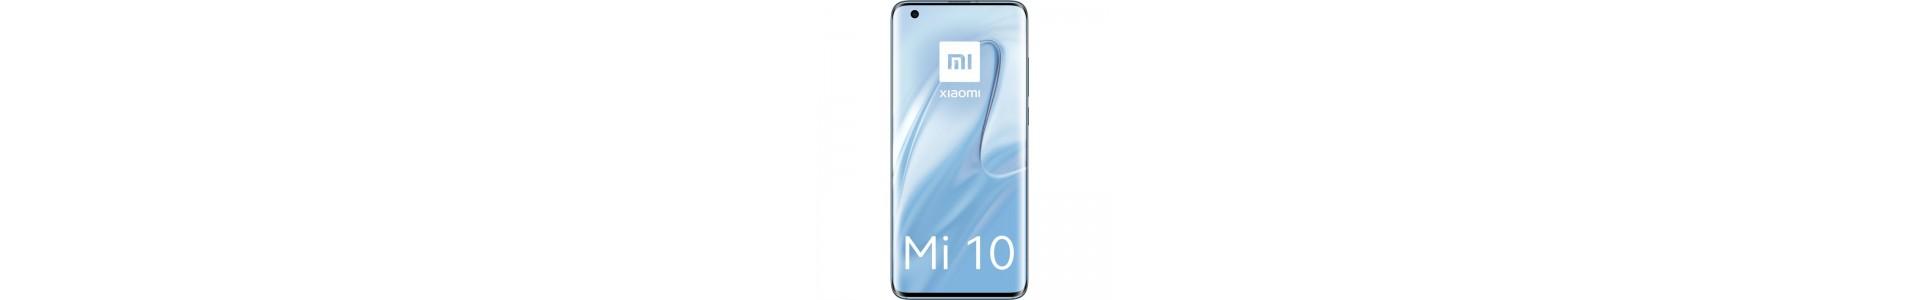 Todos os Smartphones MI 10 da Xiaomi ao melhor preço